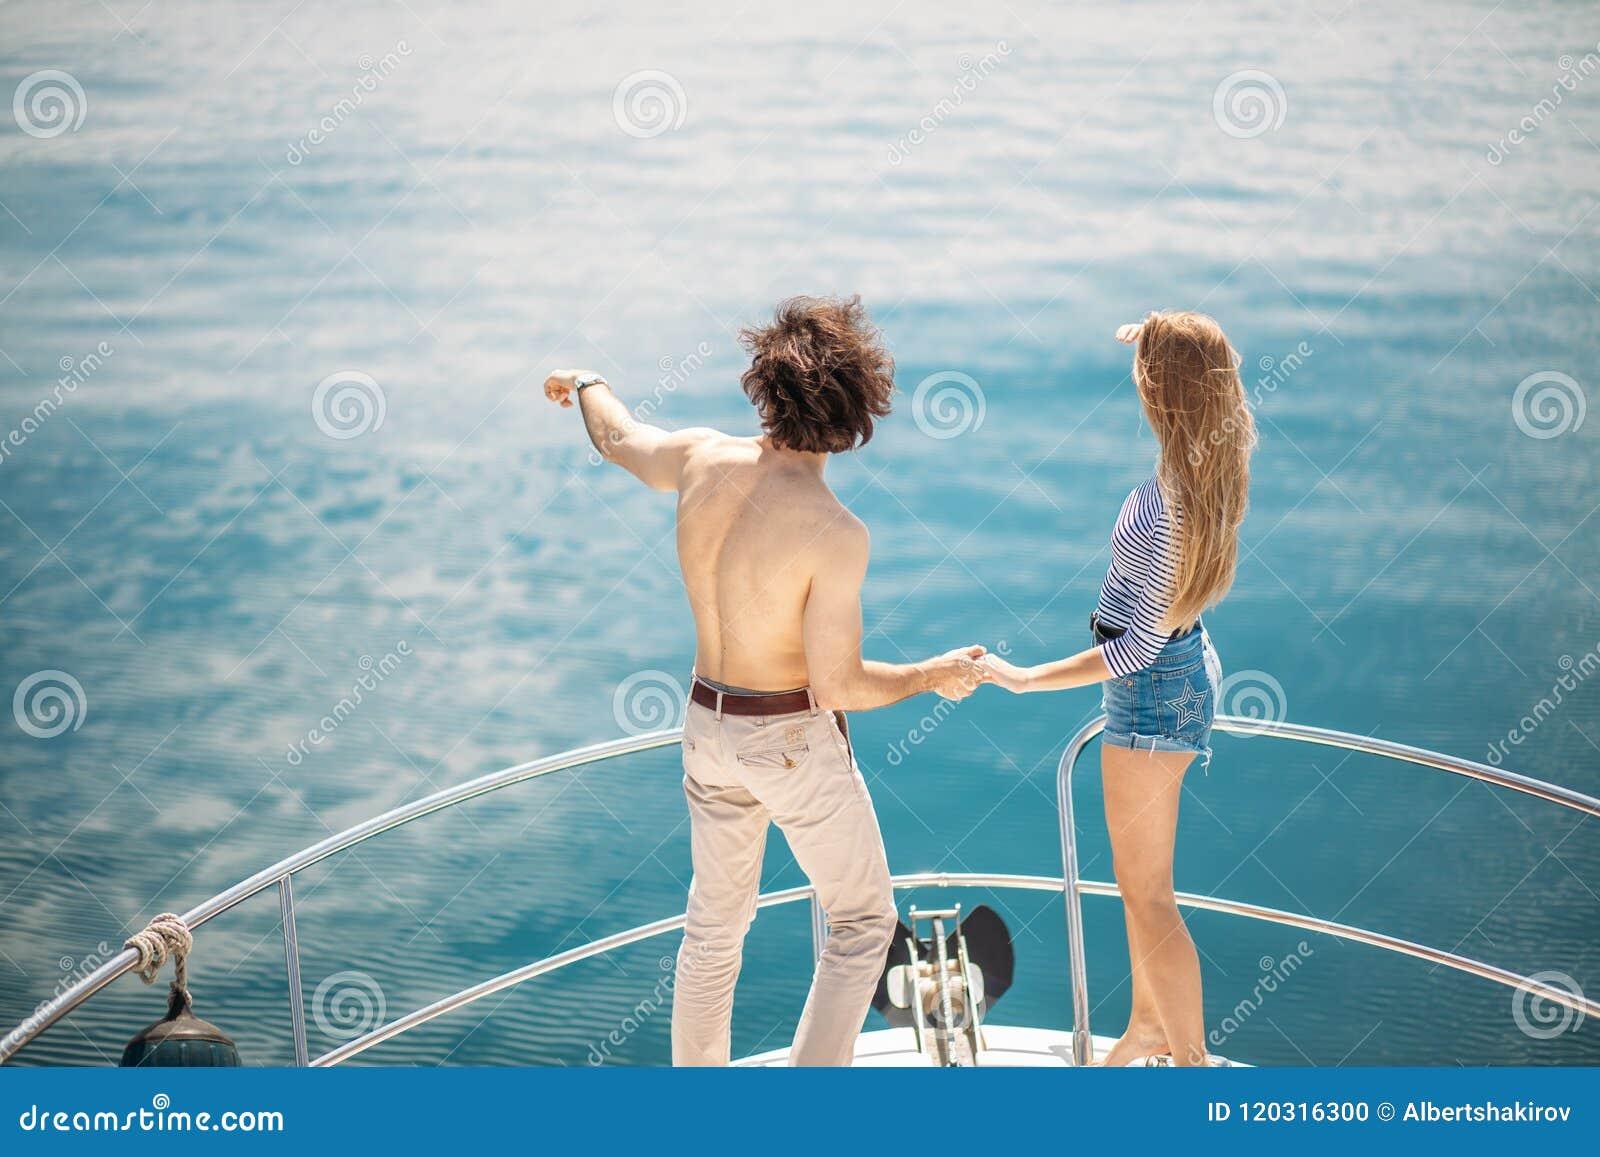 Amantes apasionados que bailan en el arco de la cubierta mientras que navega en el yate